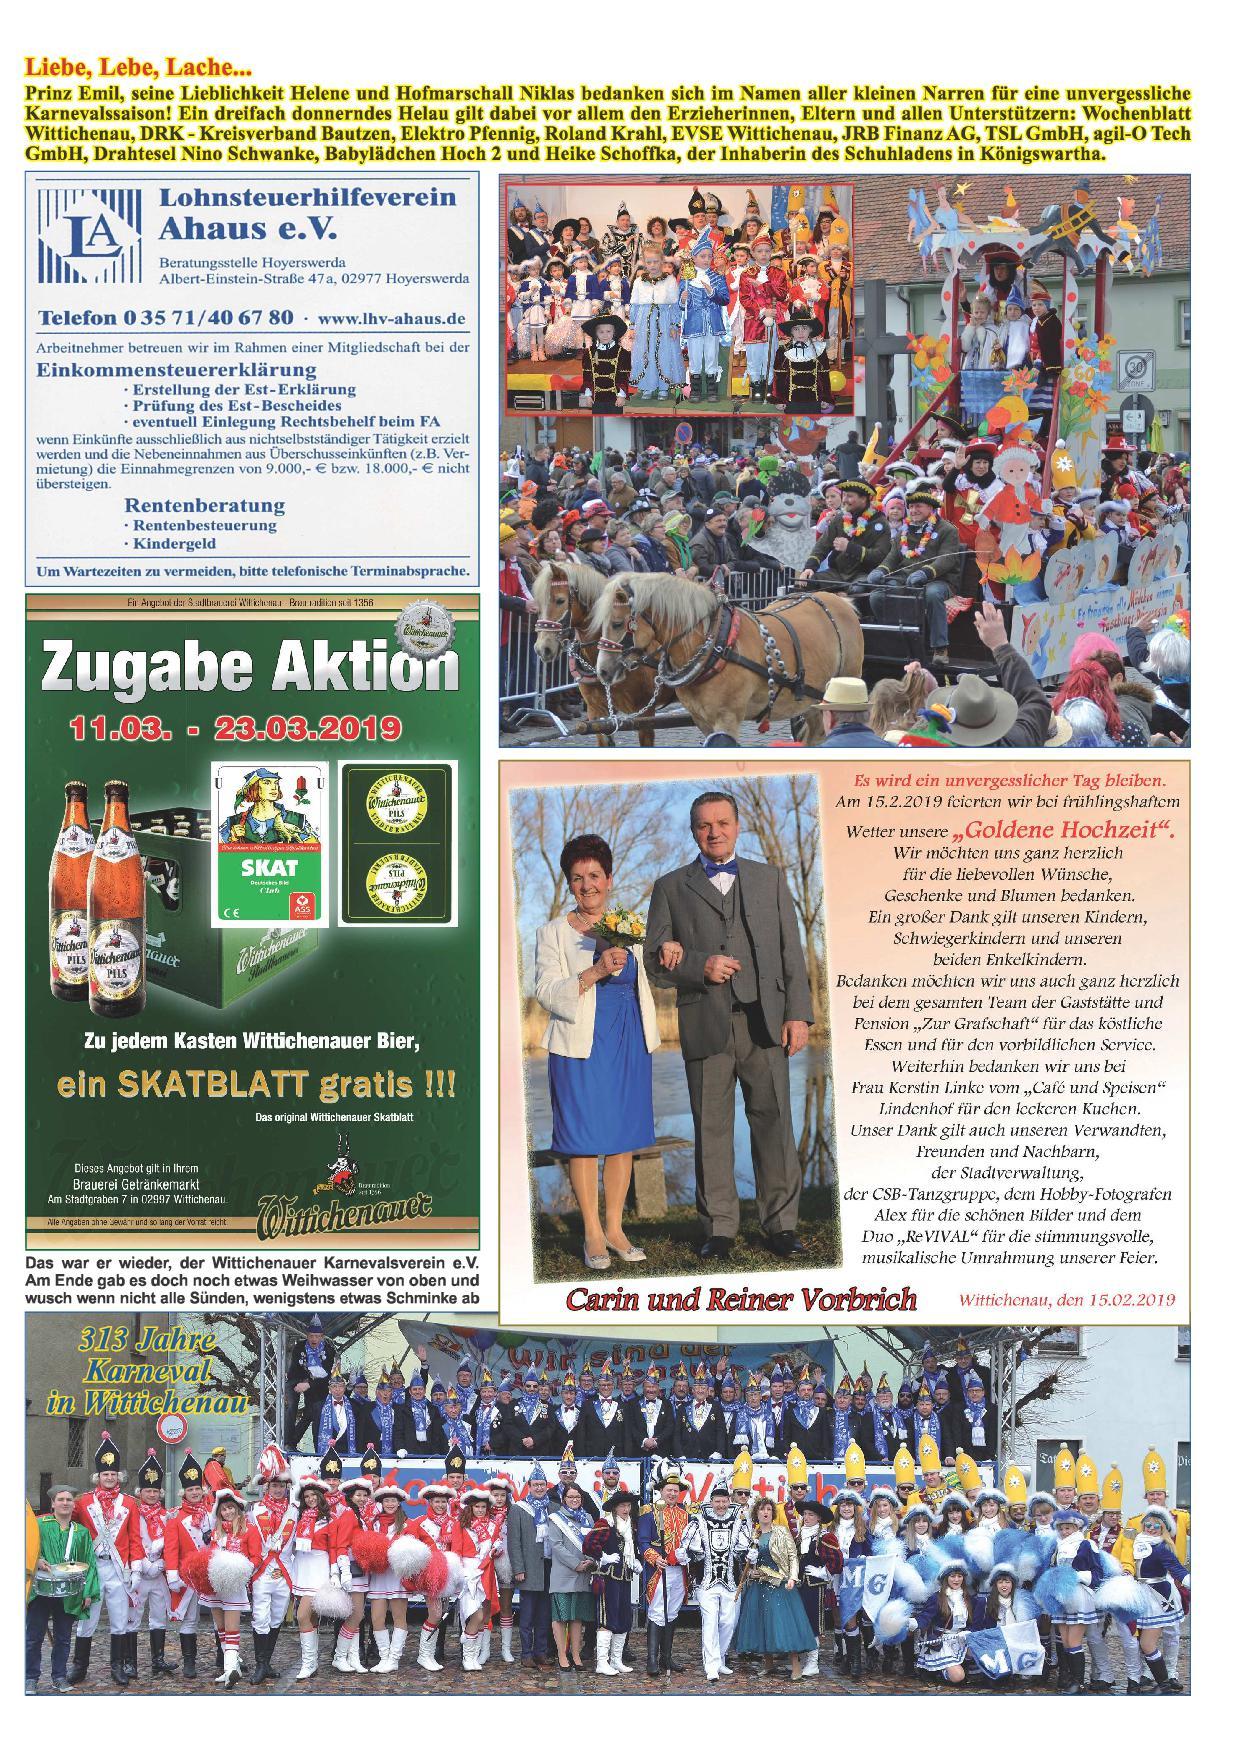 Wochenblatt Nr. 4 - 2019